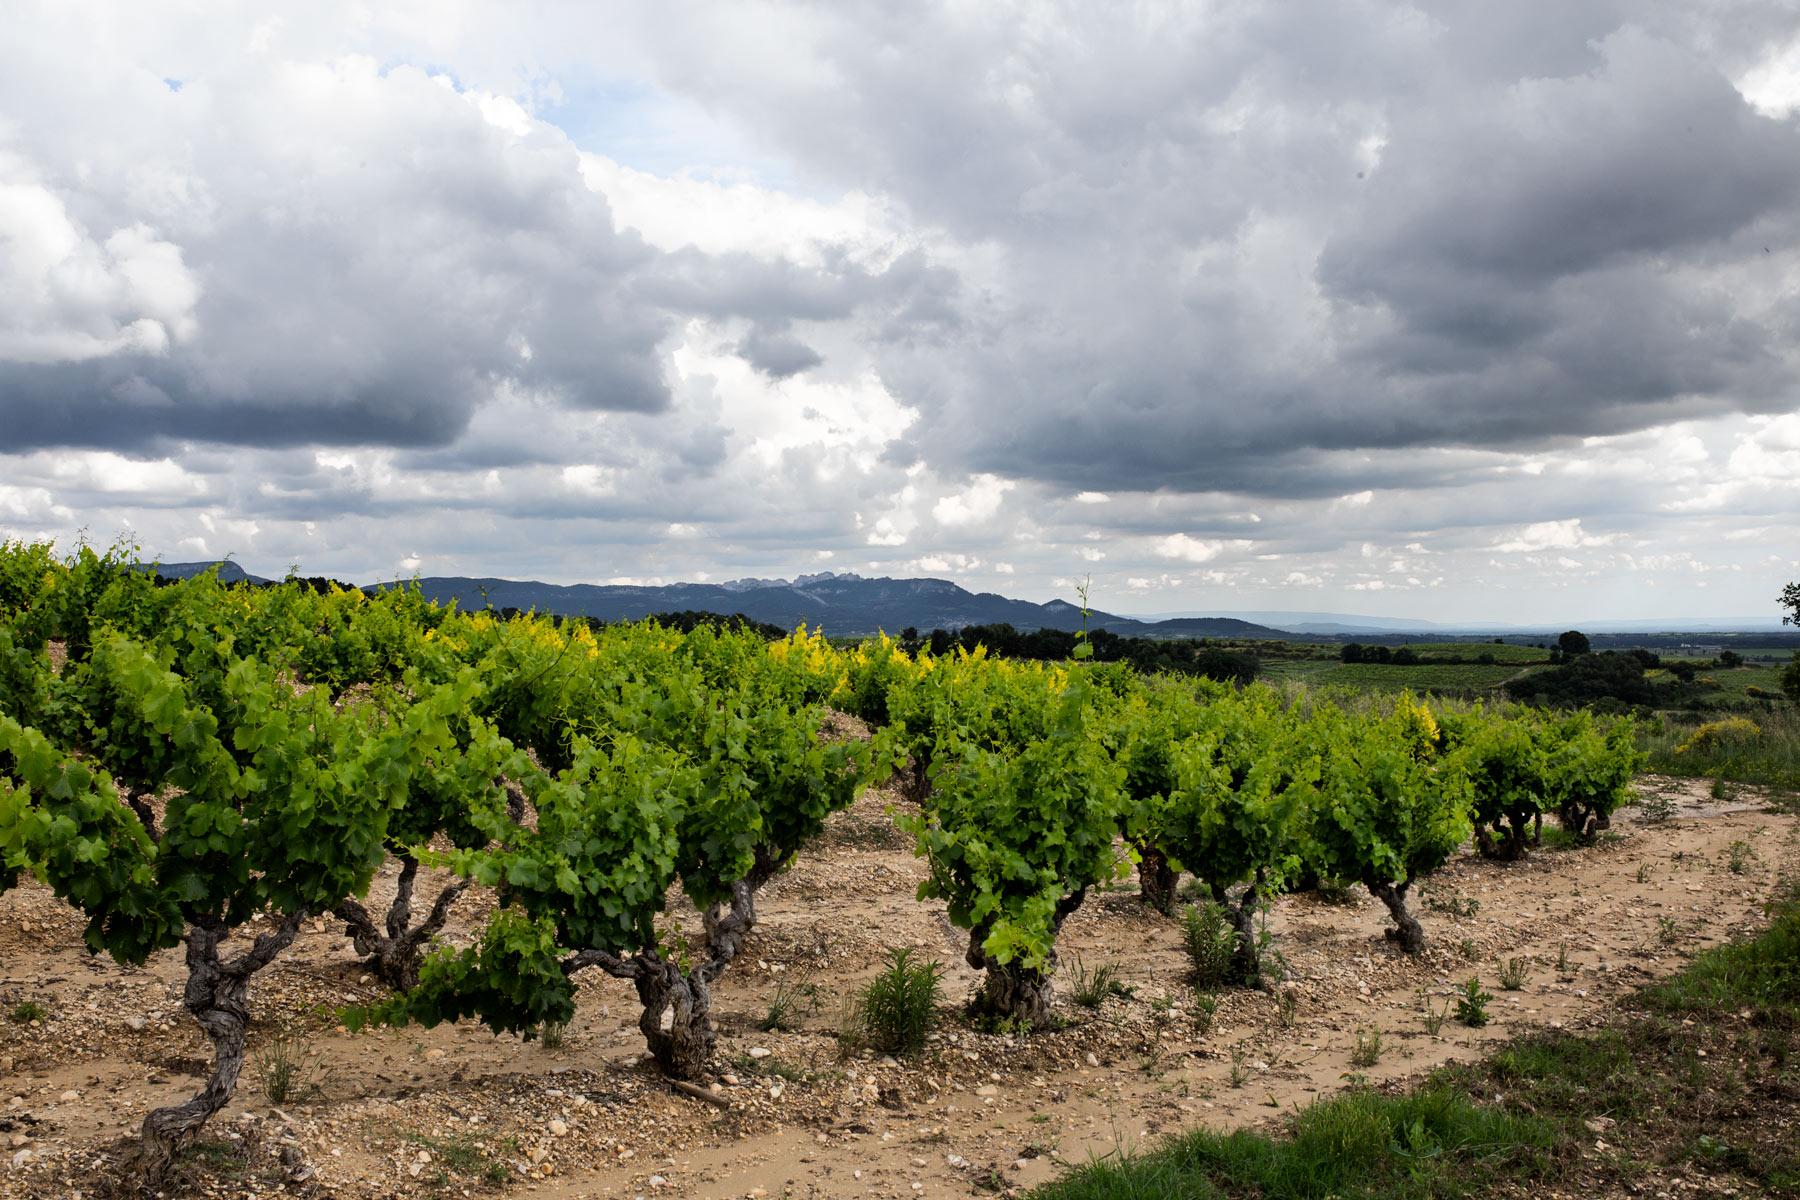 Alter Weinberg von Brusset oberhalb von Cairanne. Blick auf die Dentelles de Montmirail oberhalb von Gigondas und Rasteau, wo weitere Weinberge von Brusset liegen.